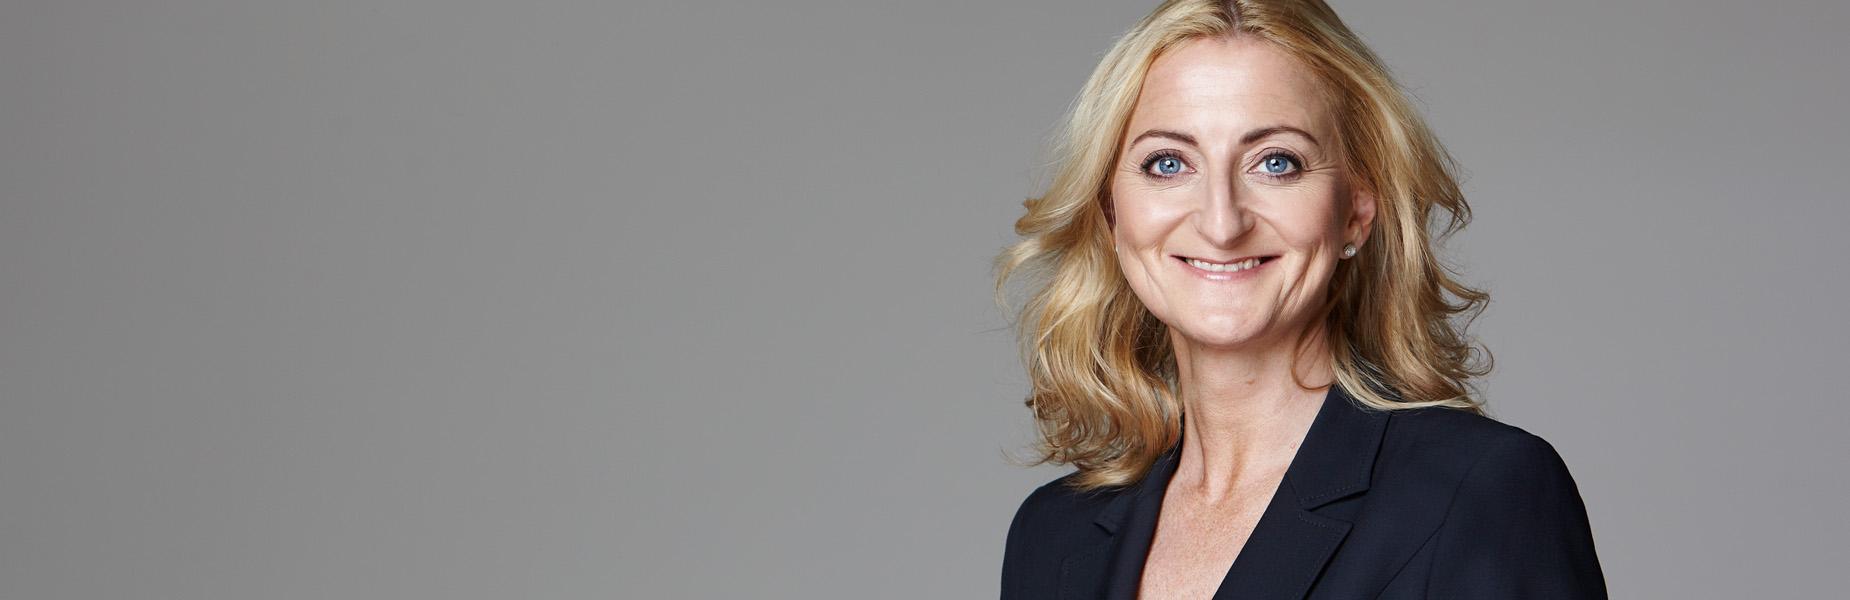 Cornelia Clavadetscher   Treuhand und Verwaltung GmbH  